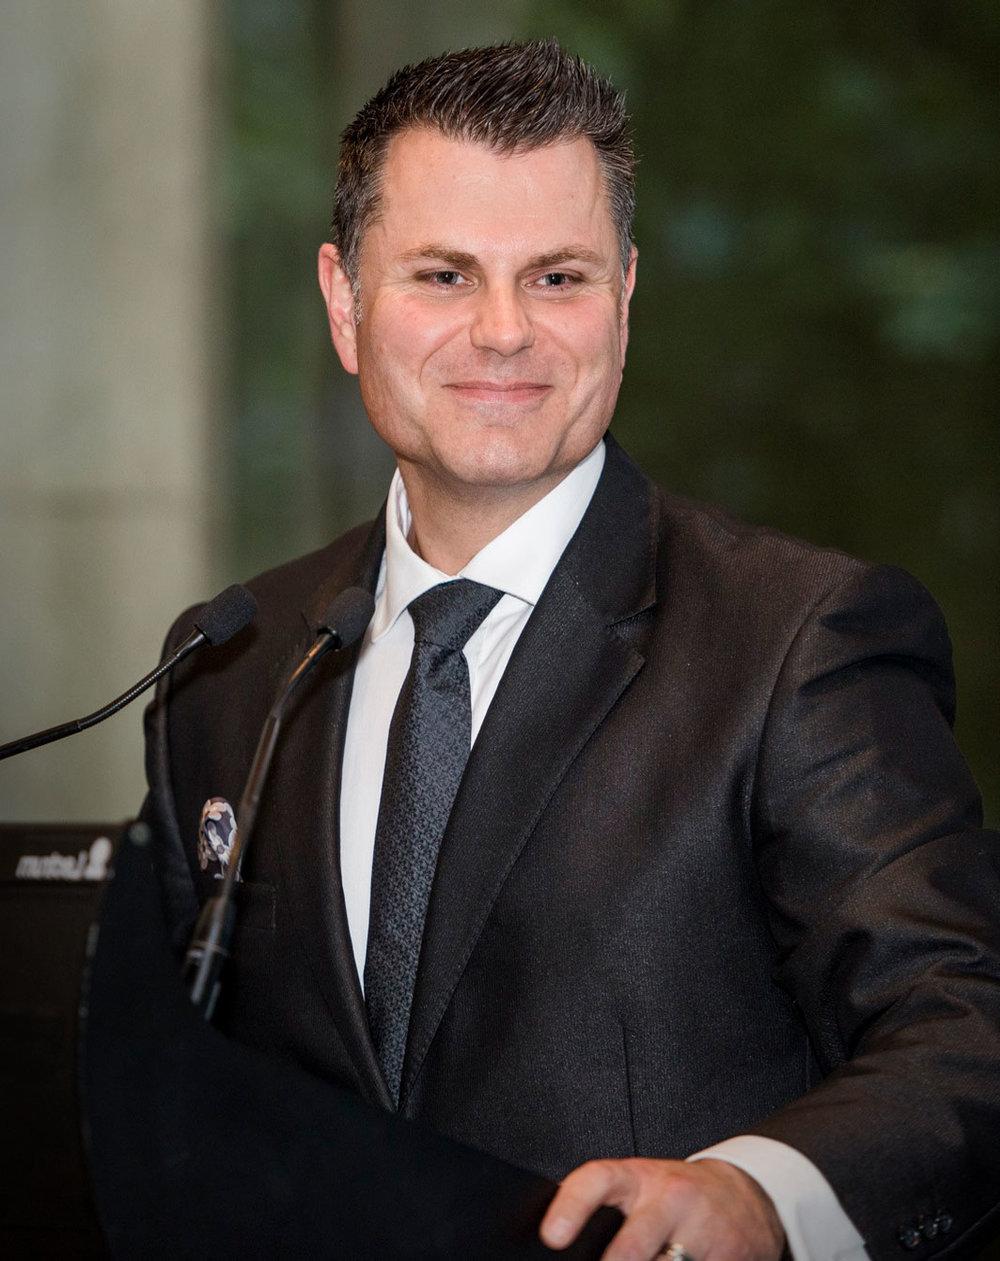 John Karagounis Picture